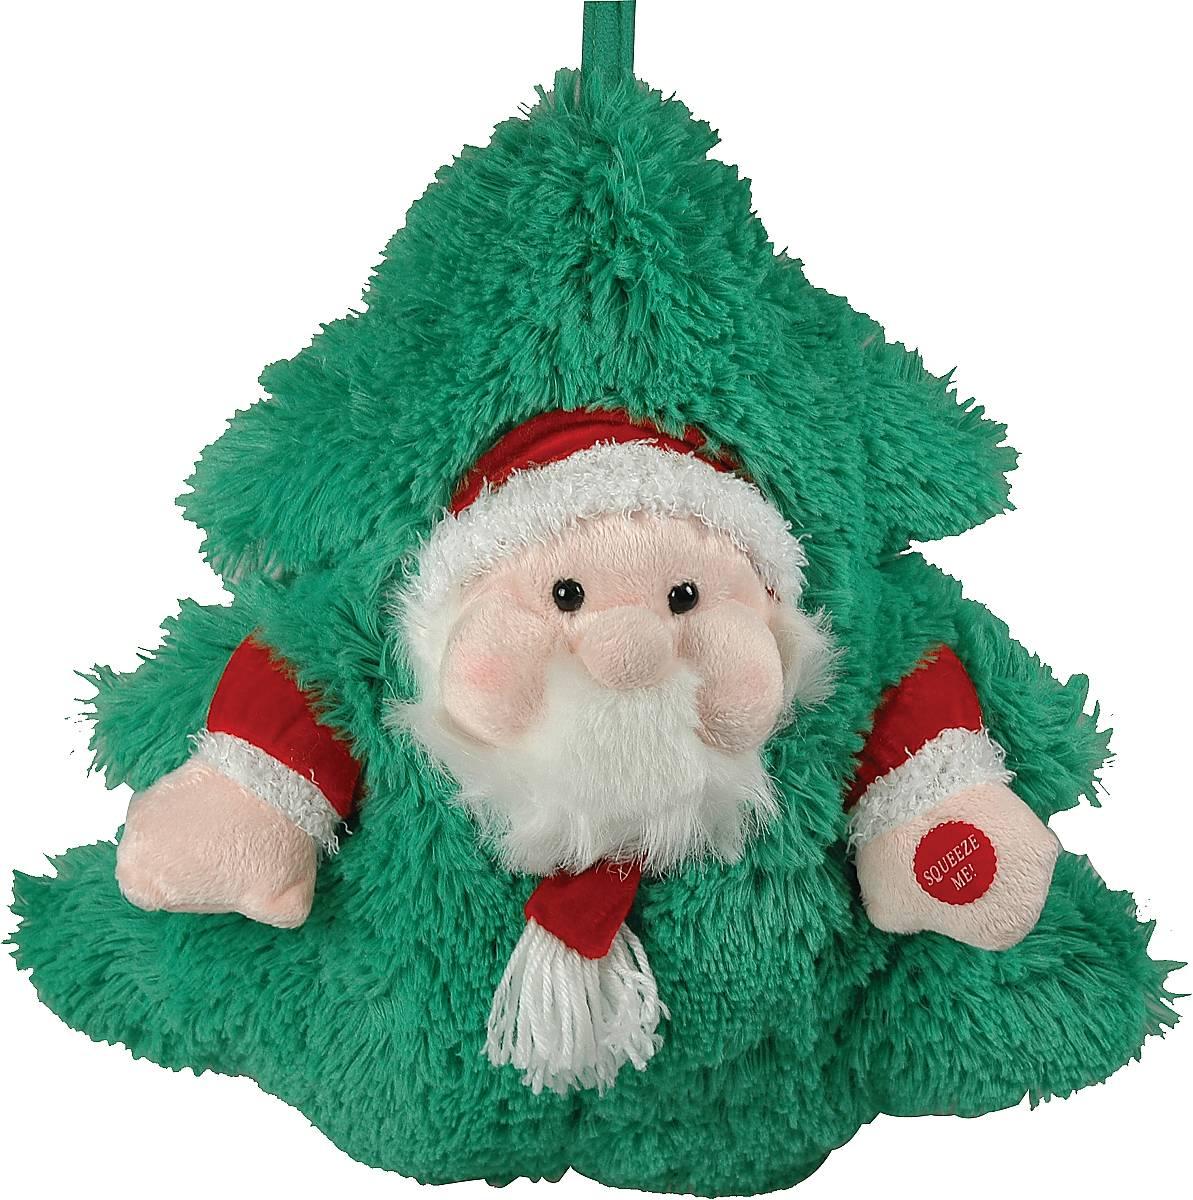 Мешок для подарков Mister Christmas Дед Мороз, высота 35 смVD-01 3GПредновогодние дни зачастую заняты суетой и поиском подарков и их упаковки. Для необычного оформления сувениров и презентов подойдет новогодний мешок для подарков Mister Christmas Дед Мороз. Он выполнен из пушистой ткани, очень приятной на ощупь. Мешочек представлен в виде елки. Ворс ткани полностью имитирует зеленые иголки живой елочки. Дополнен мешок объемным изображением Деда Мороза. Собираясь в гости, в этот мешок вы можете уложить все новогодние подарки или положить каждый сувенир в отдельный мешок. Он прекрасно скроет подарок от любопытных глаз и придаст презенту частичку таинственности. Высота мешка: 35 см.